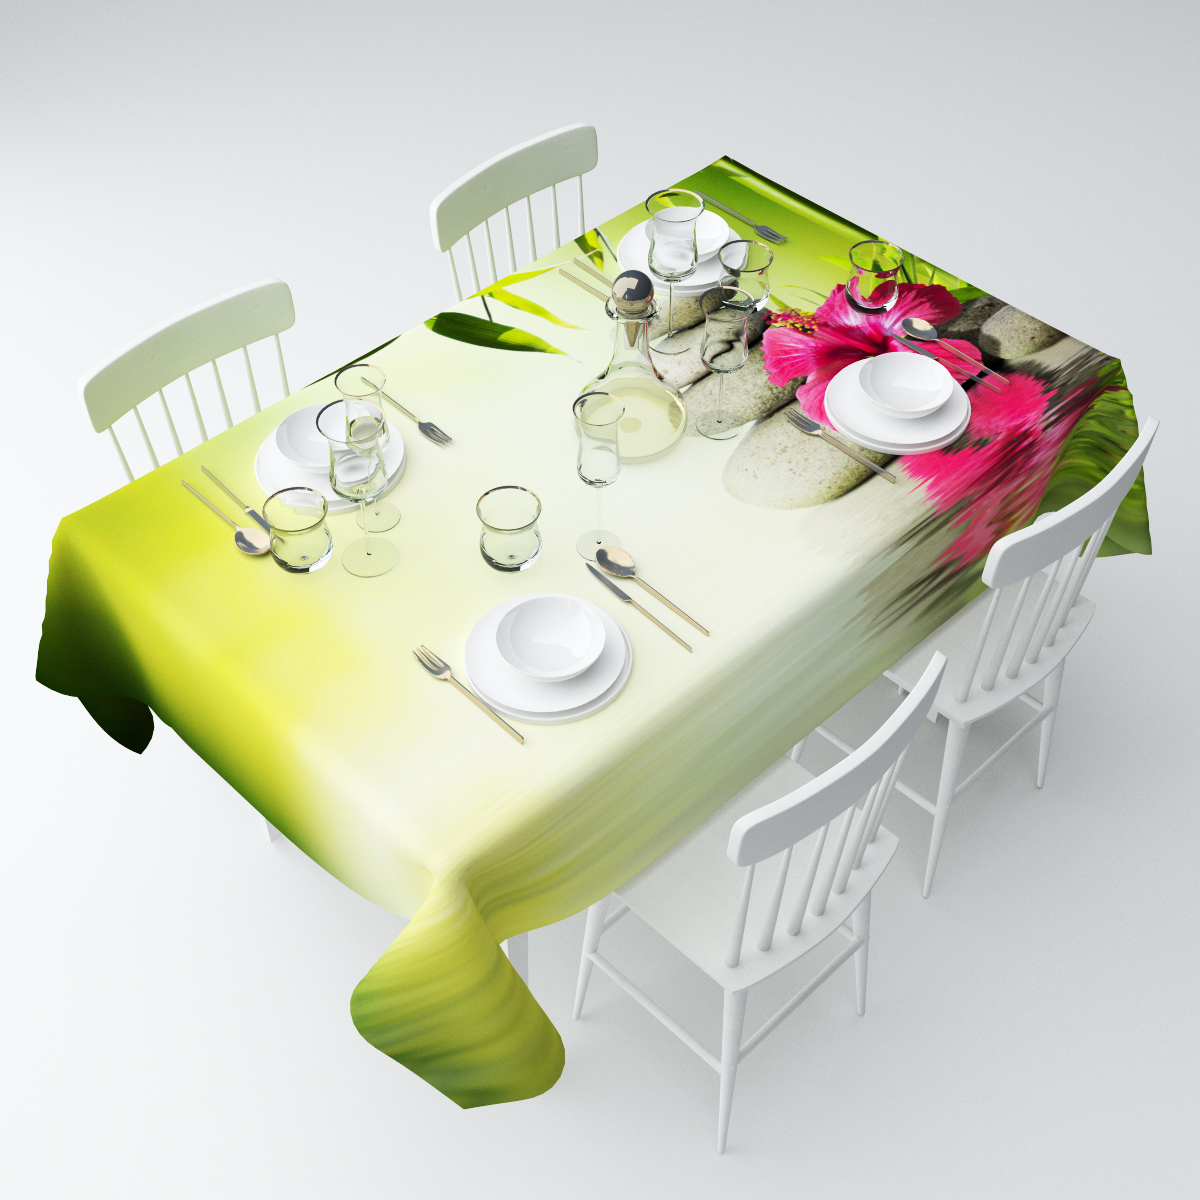 Скатерть Сирень Фен-шуй, прямоугольная, 145 х 120 смСКГБ003-04579Прямоугольная скатерть Сирень Фен-шуй, выполненная изгабардина с ярким рисунком, преобразит вашу кухню, визуальнорасширит пространство, создаст атмосферу радости и комфорта.Рекомендации по уходу: стирка при 30 градусах, гладить при температуре до 110градусов. Размер скатерти: 145 х 120 см.Изображение может немного отличаться от реального.